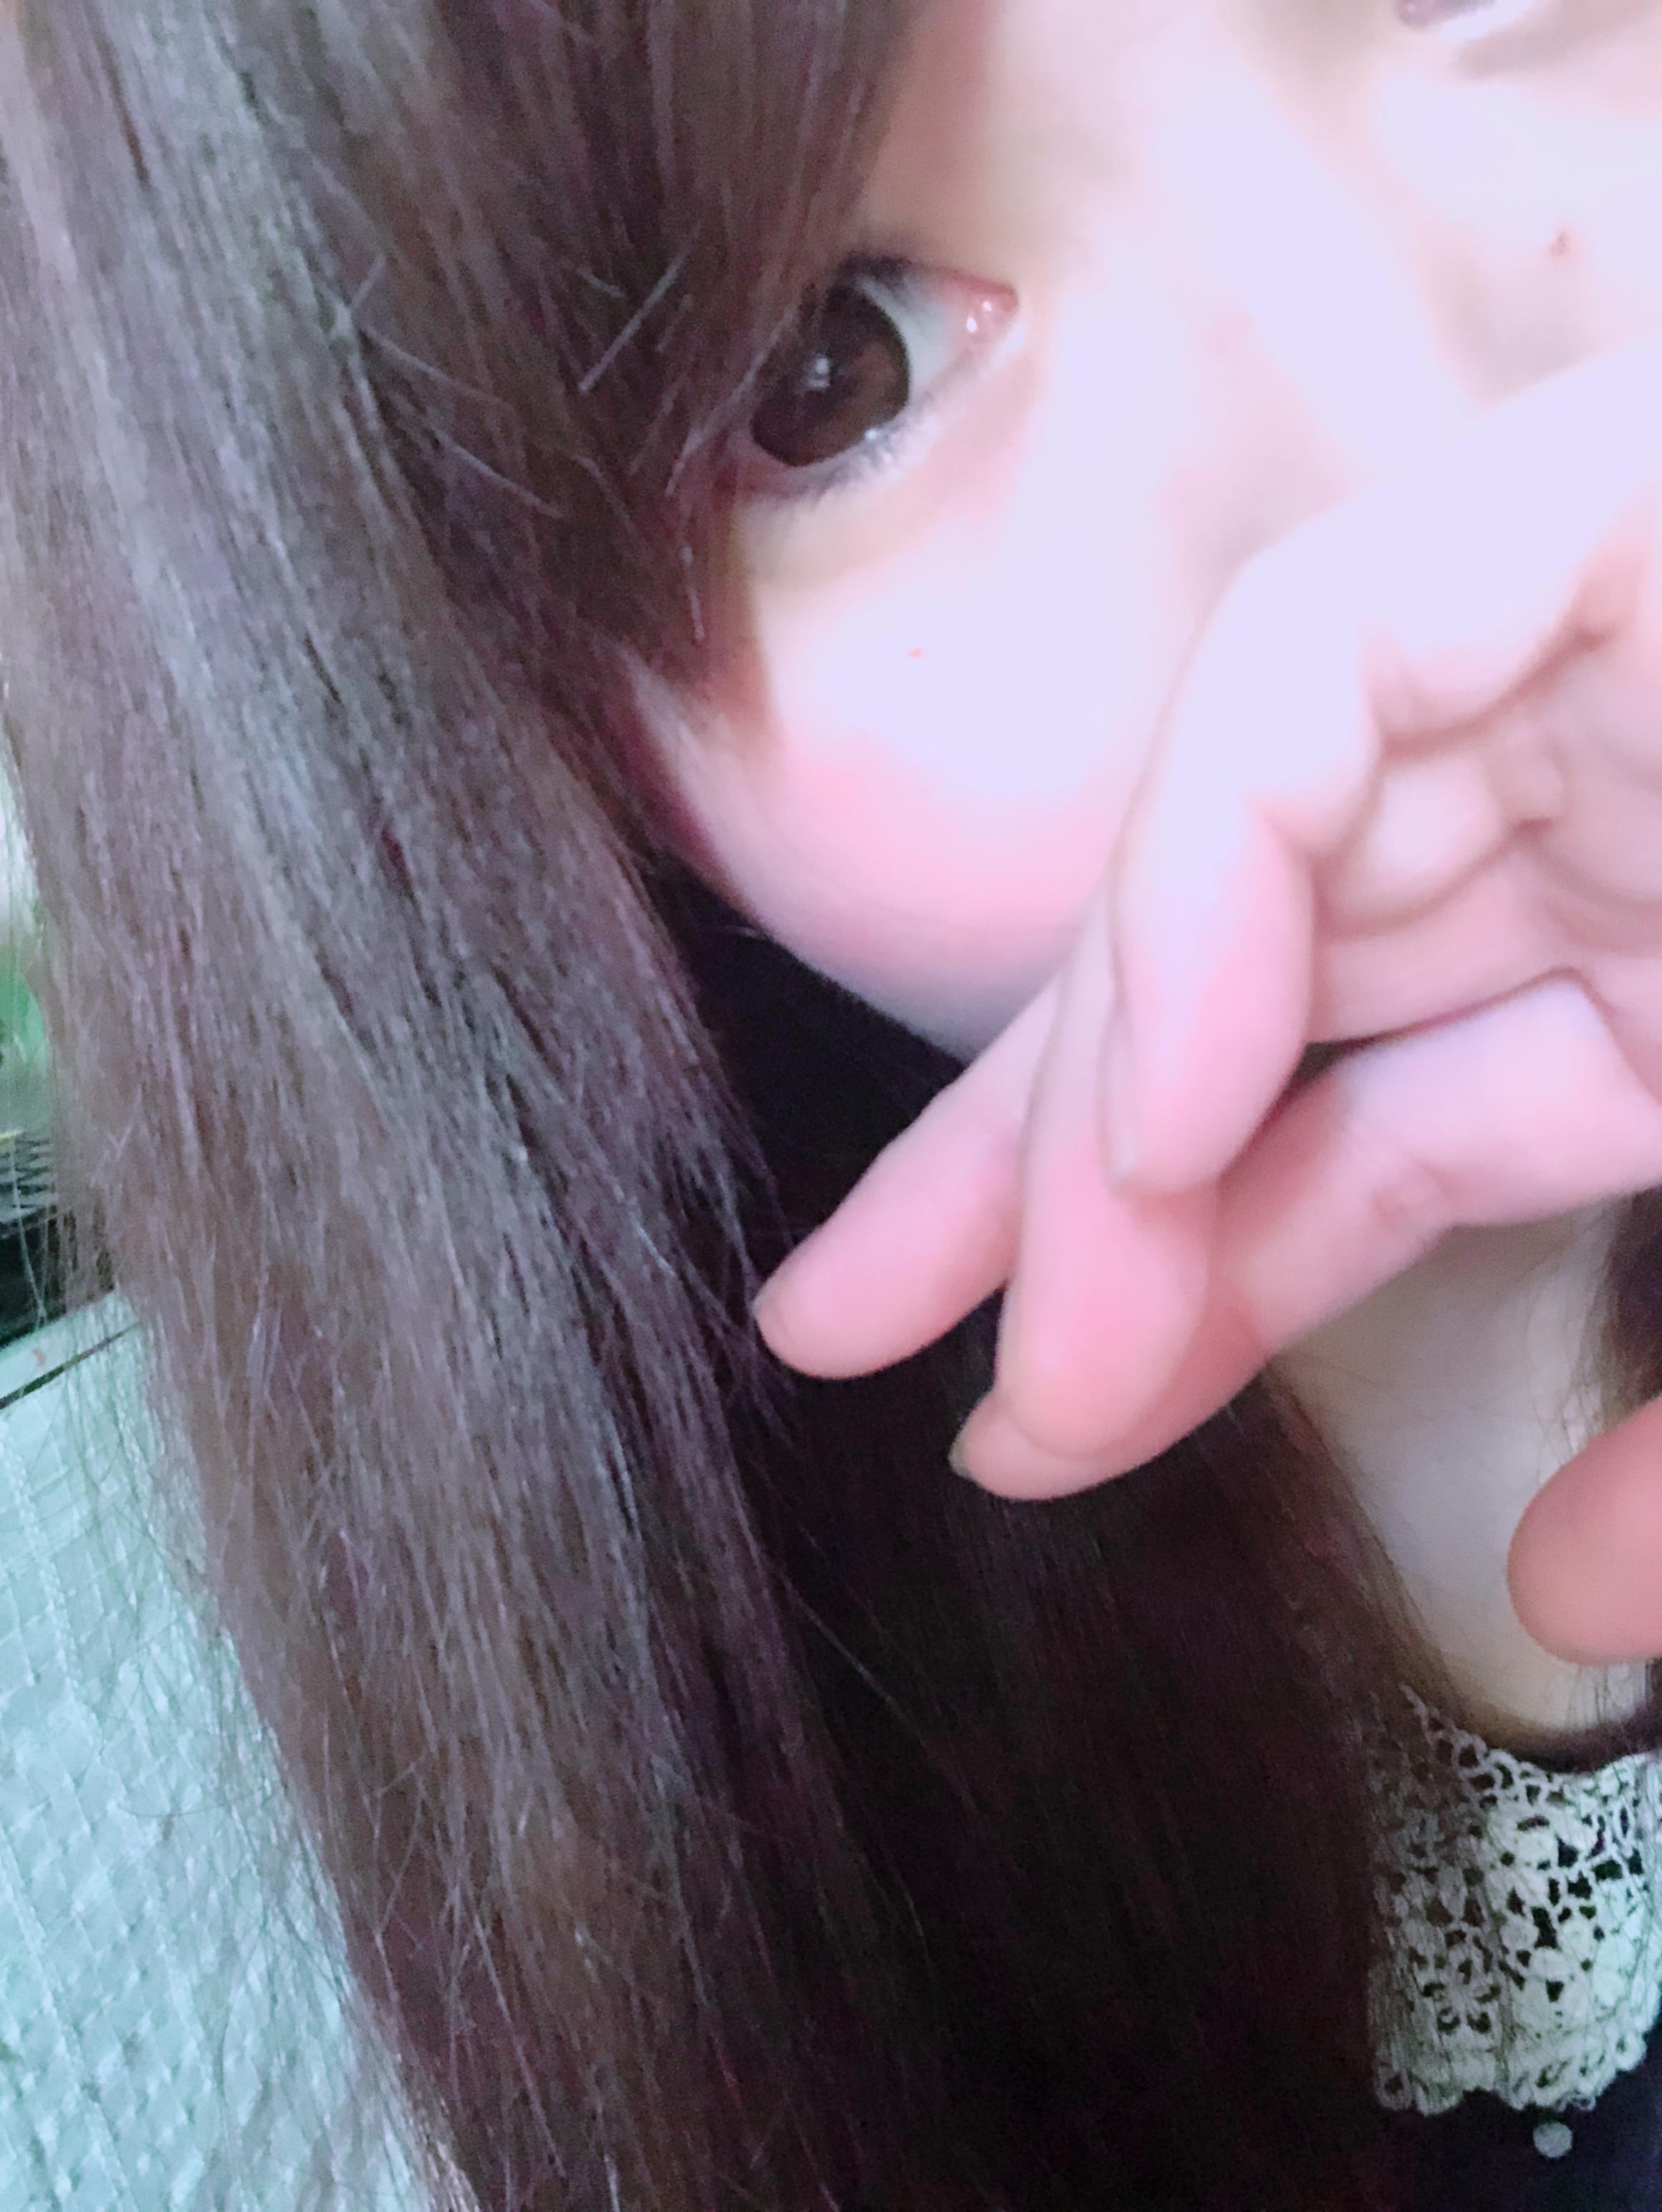 「おはよう!」07/03(火) 09:45 | あおいの写メ・風俗動画